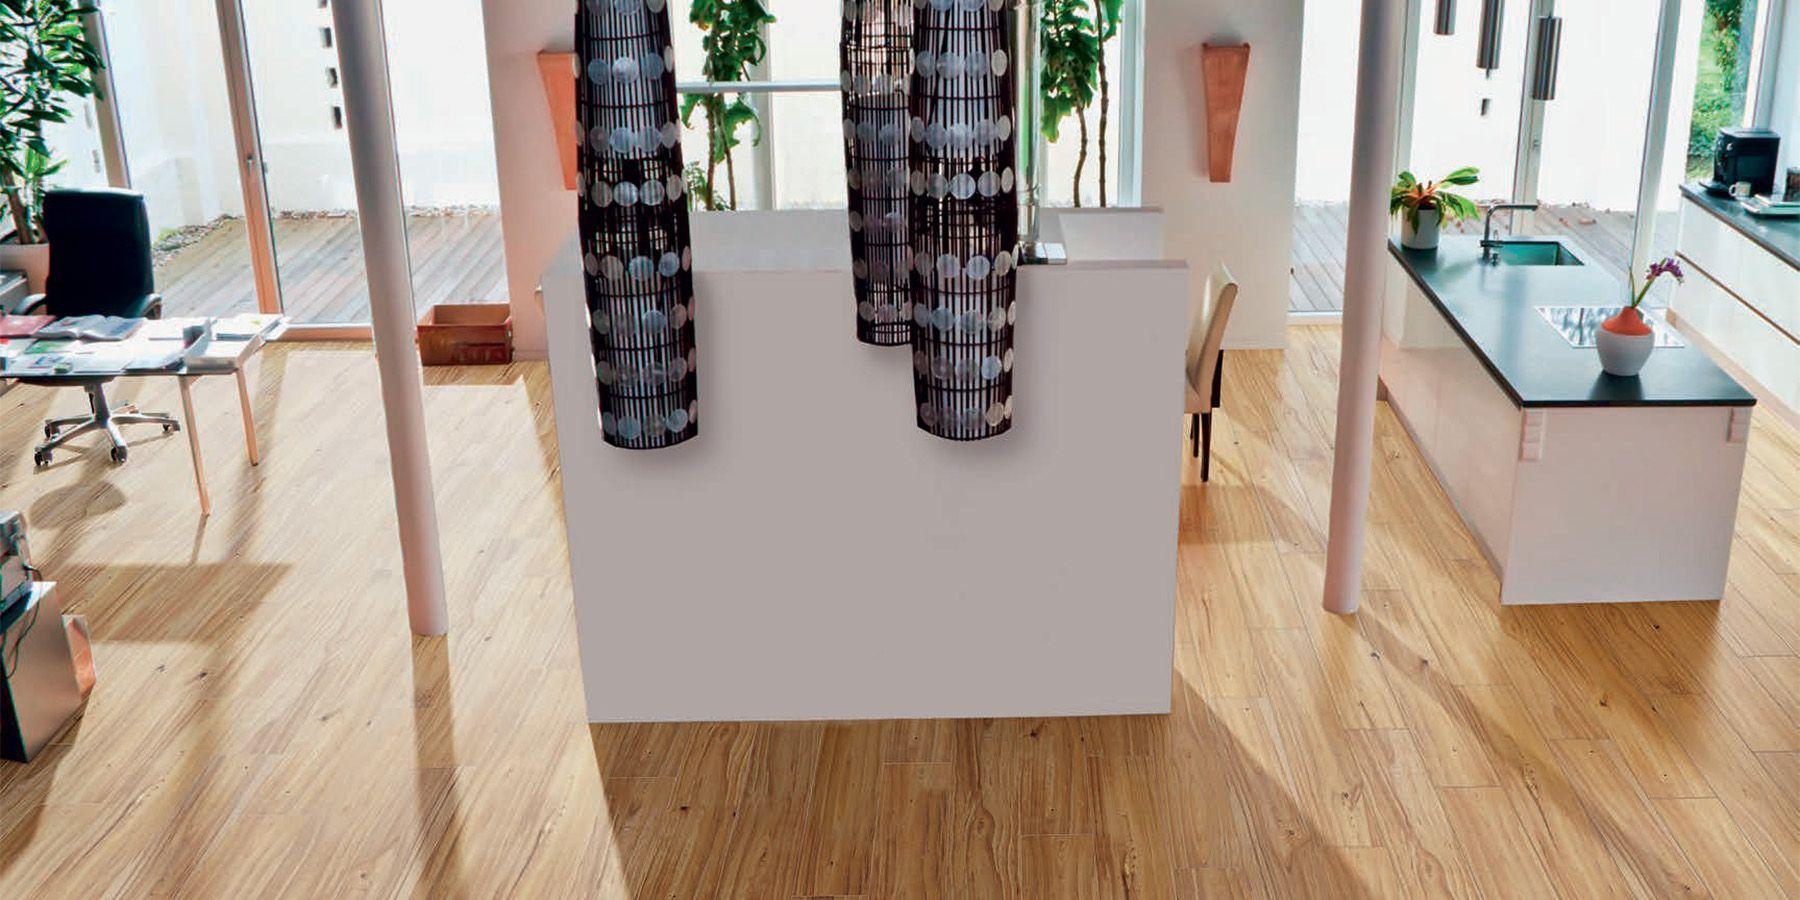 Cypress Happy Floors Wood Floors Wide Plank Wood Floors Flooring